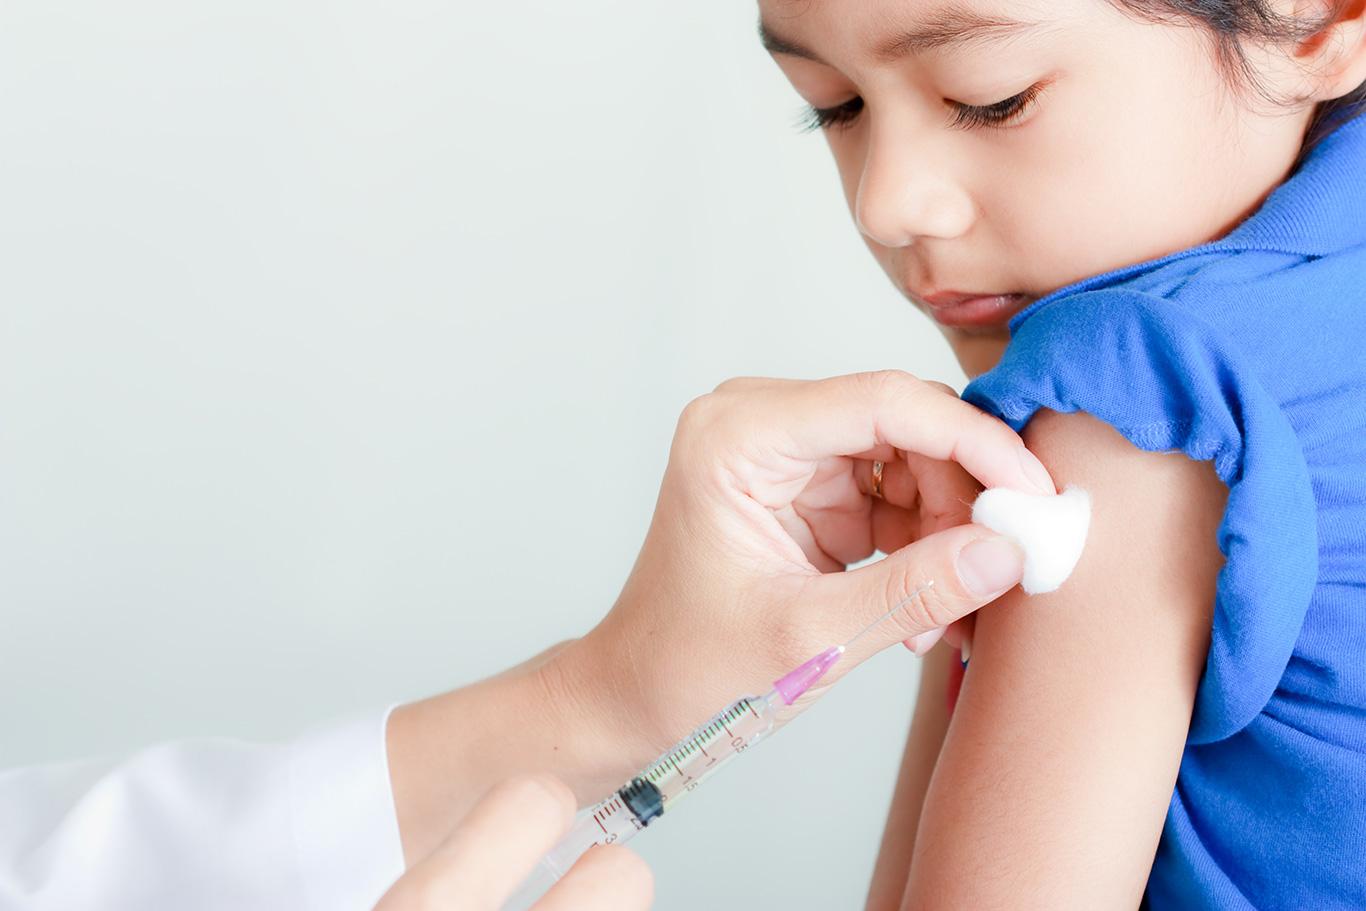 예방접종/予防接種